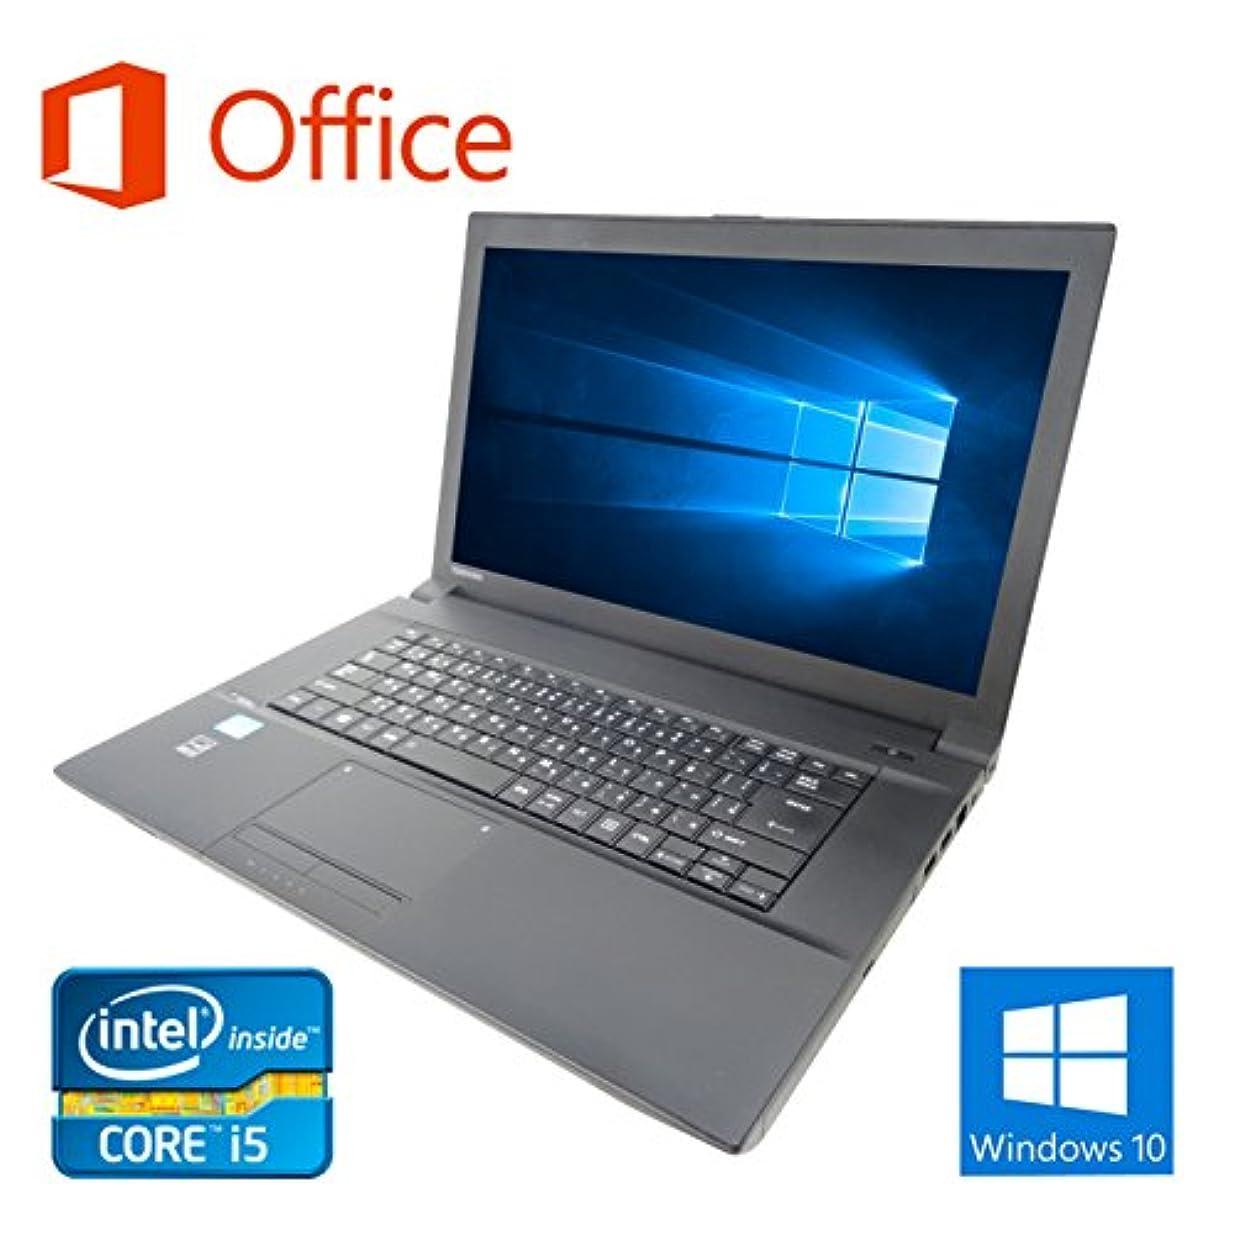 吐く多様体暫定【Microsoft Office 2016搭載】【Win 10搭載】TOSHIBA B553/第三世代Core i5 2.5GHz/メモリー4GB/HDD:320GB/DVDドライブ/USB 3.0/大画面15.6インチ/無線LAN搭載/ほぼ新品ノートパソコン/ (ハードディスク:320GB)